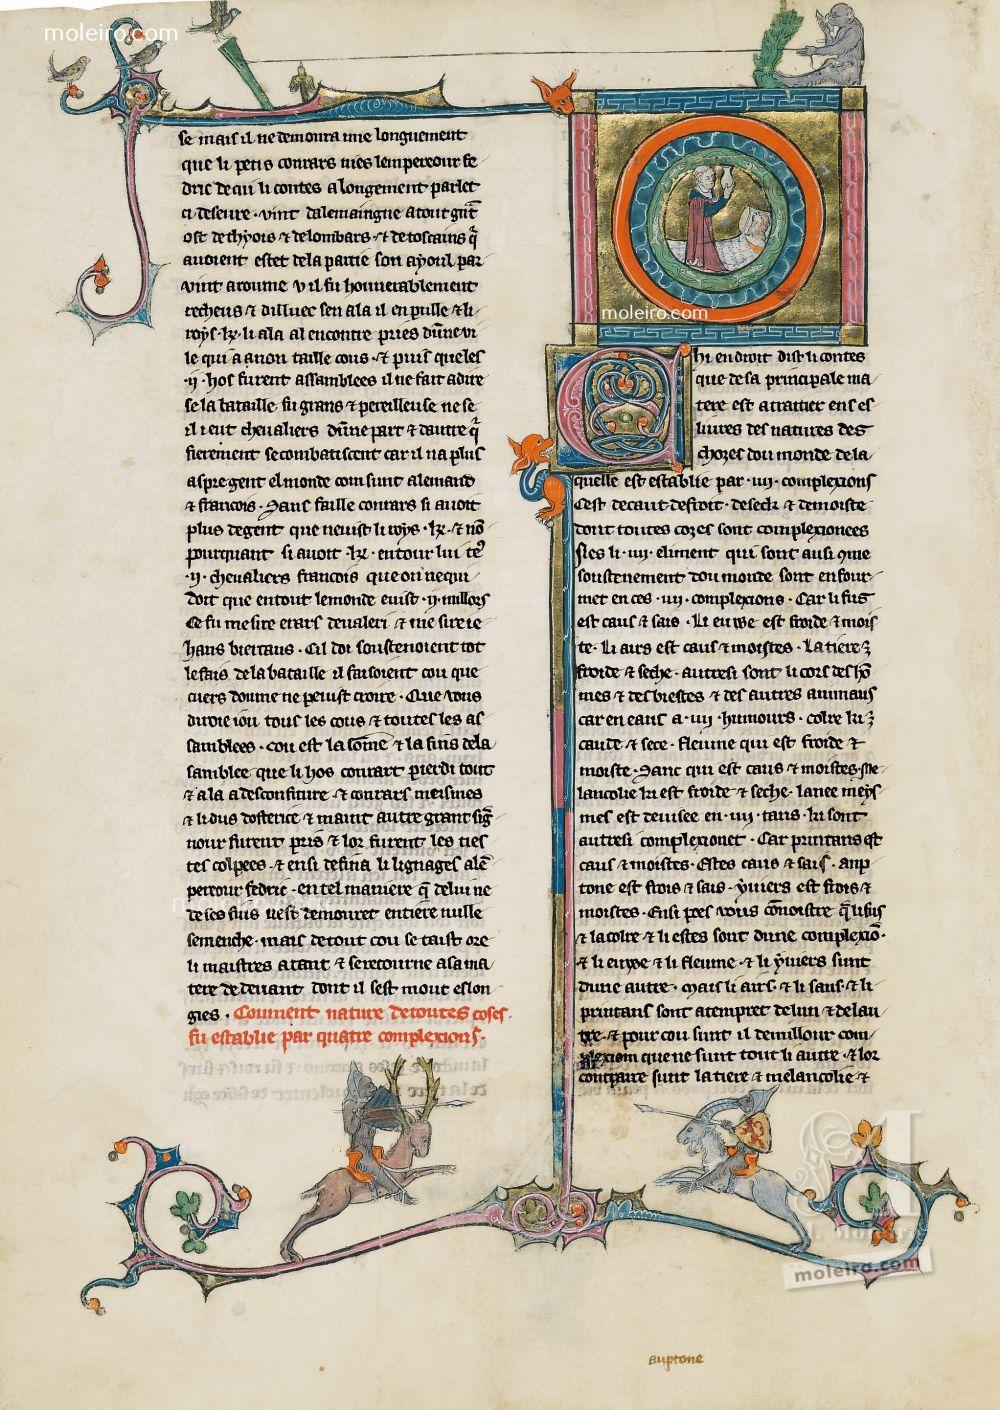 Libro del Tesoro Come tutte le cose hanno avuto origine dalla mescolanza di caratteri fisici. f. 28v